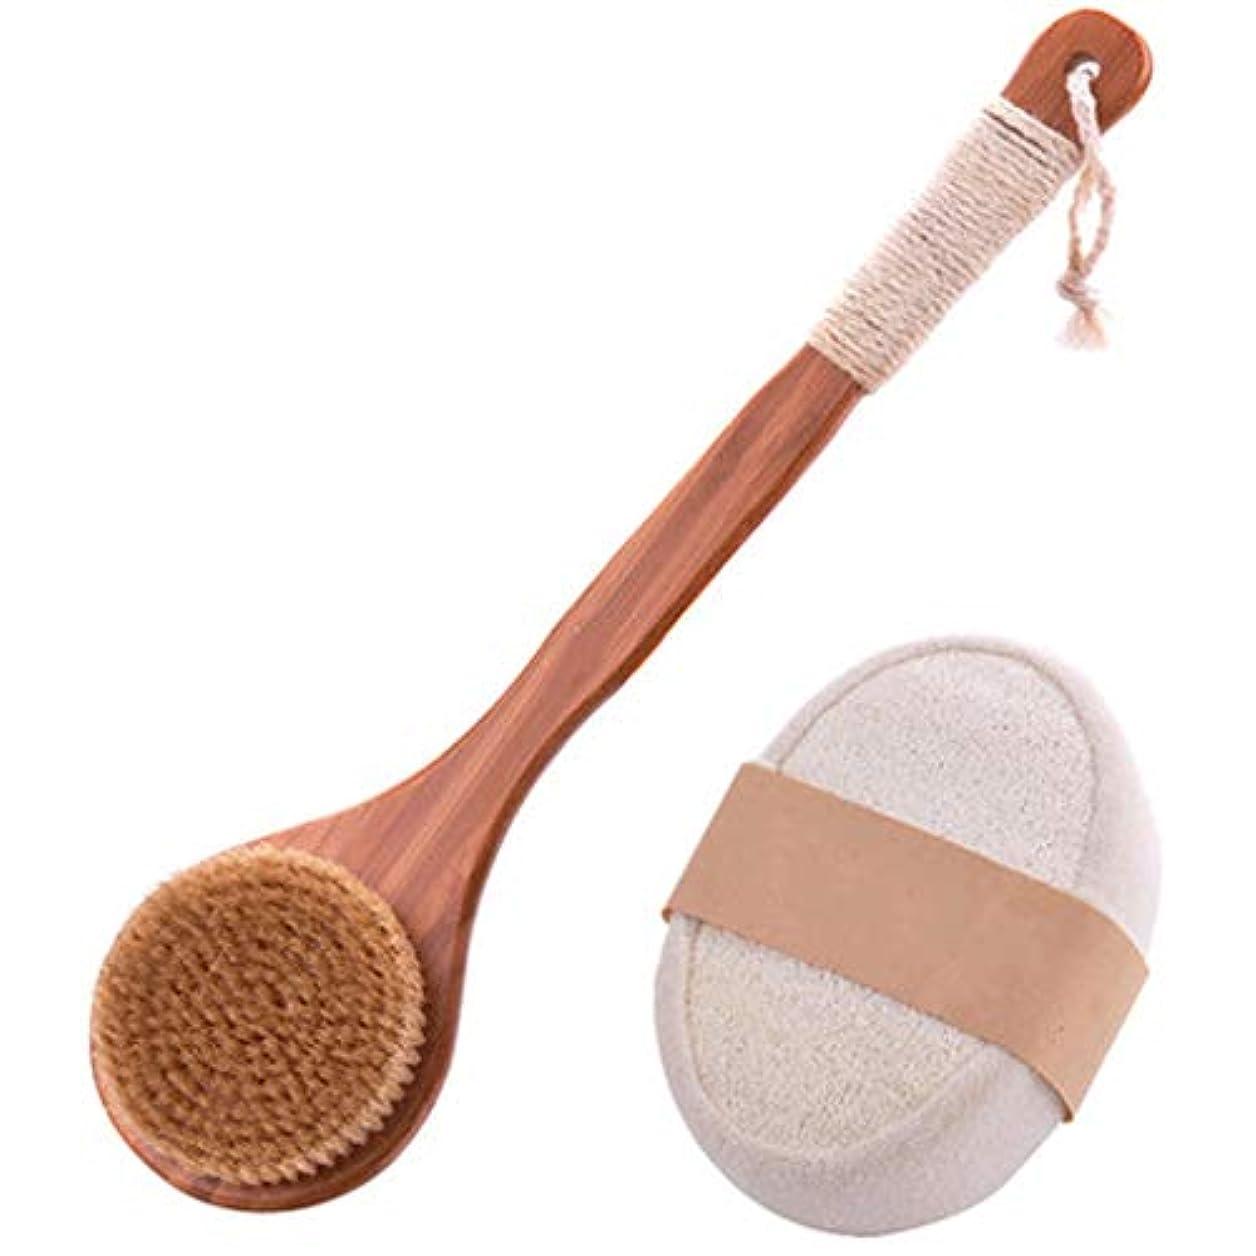 離れた下線活気づけるバスブラシバックブラシロングハンドルやわらかい毛髪バスブラシバスブラシ角質除去クリーニングブラシ (Color : A)